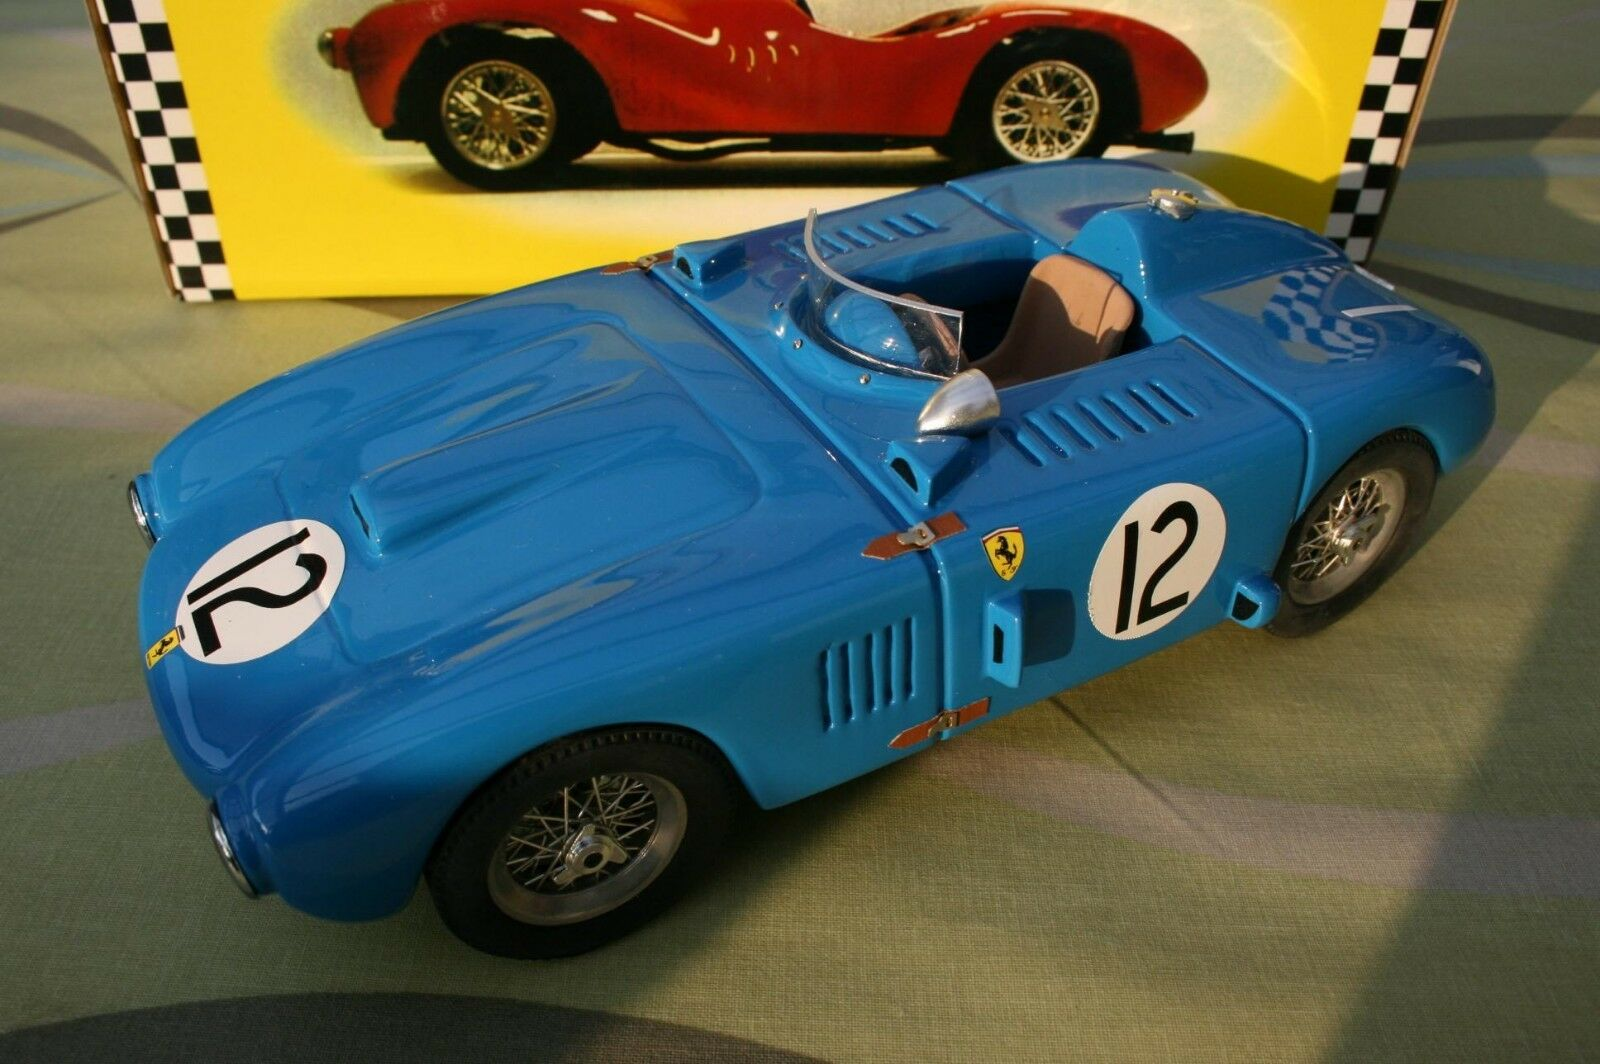 Ferrari Rosso Model 1 18 375 Plus Buenos Aires New in original box 100 pieces